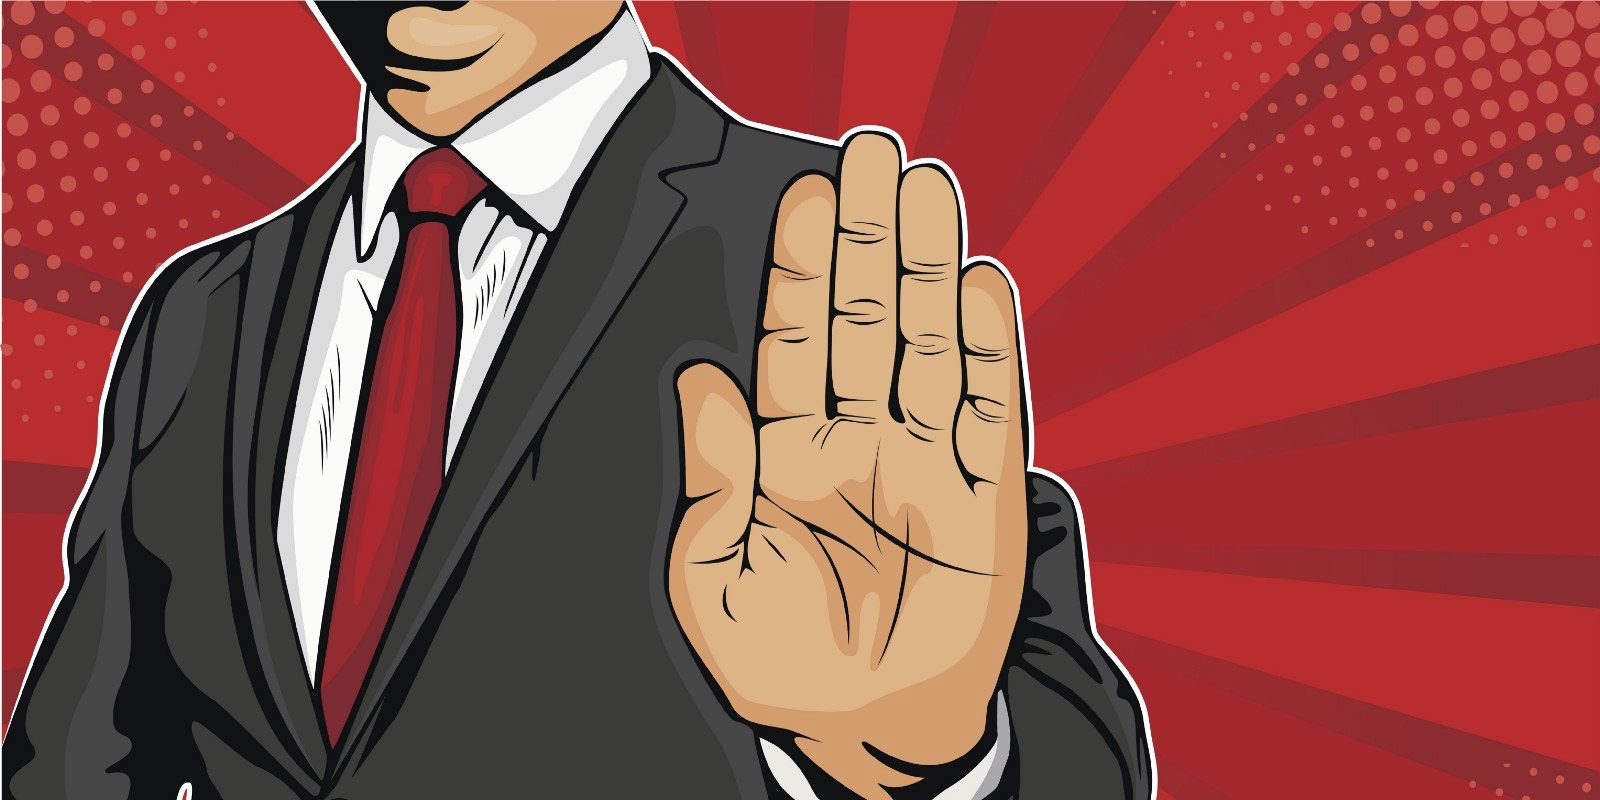 6 dobrých rad, co rozhodně nedělat před a při žádosti o půjčku